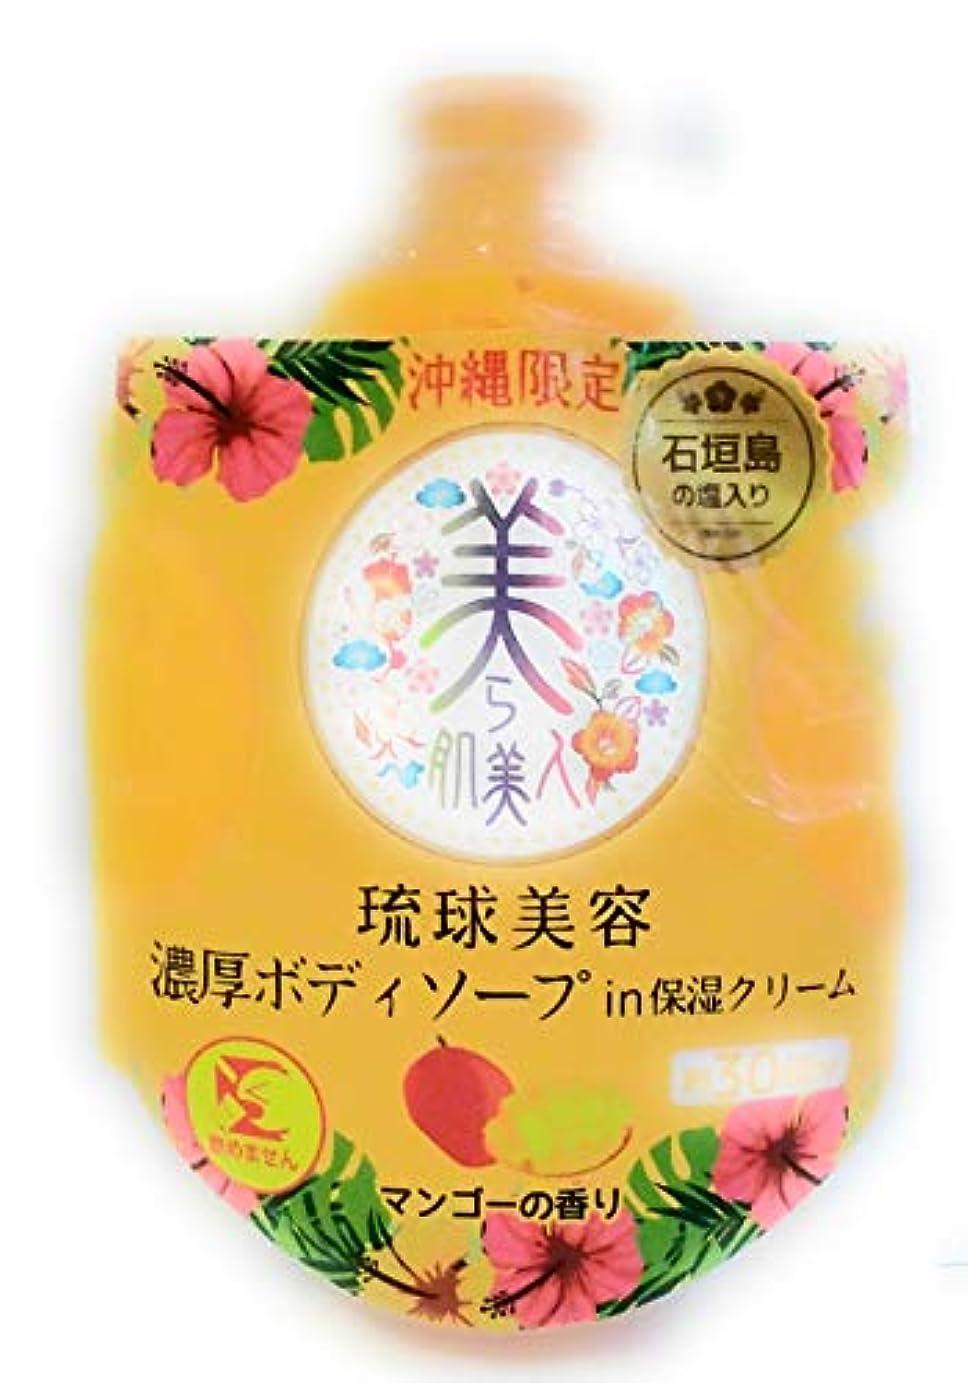 インフラ賞賛するリットル沖縄限定 美ら肌美人 琉球美容濃厚ボディソープin保湿クリーム マンゴーの香り